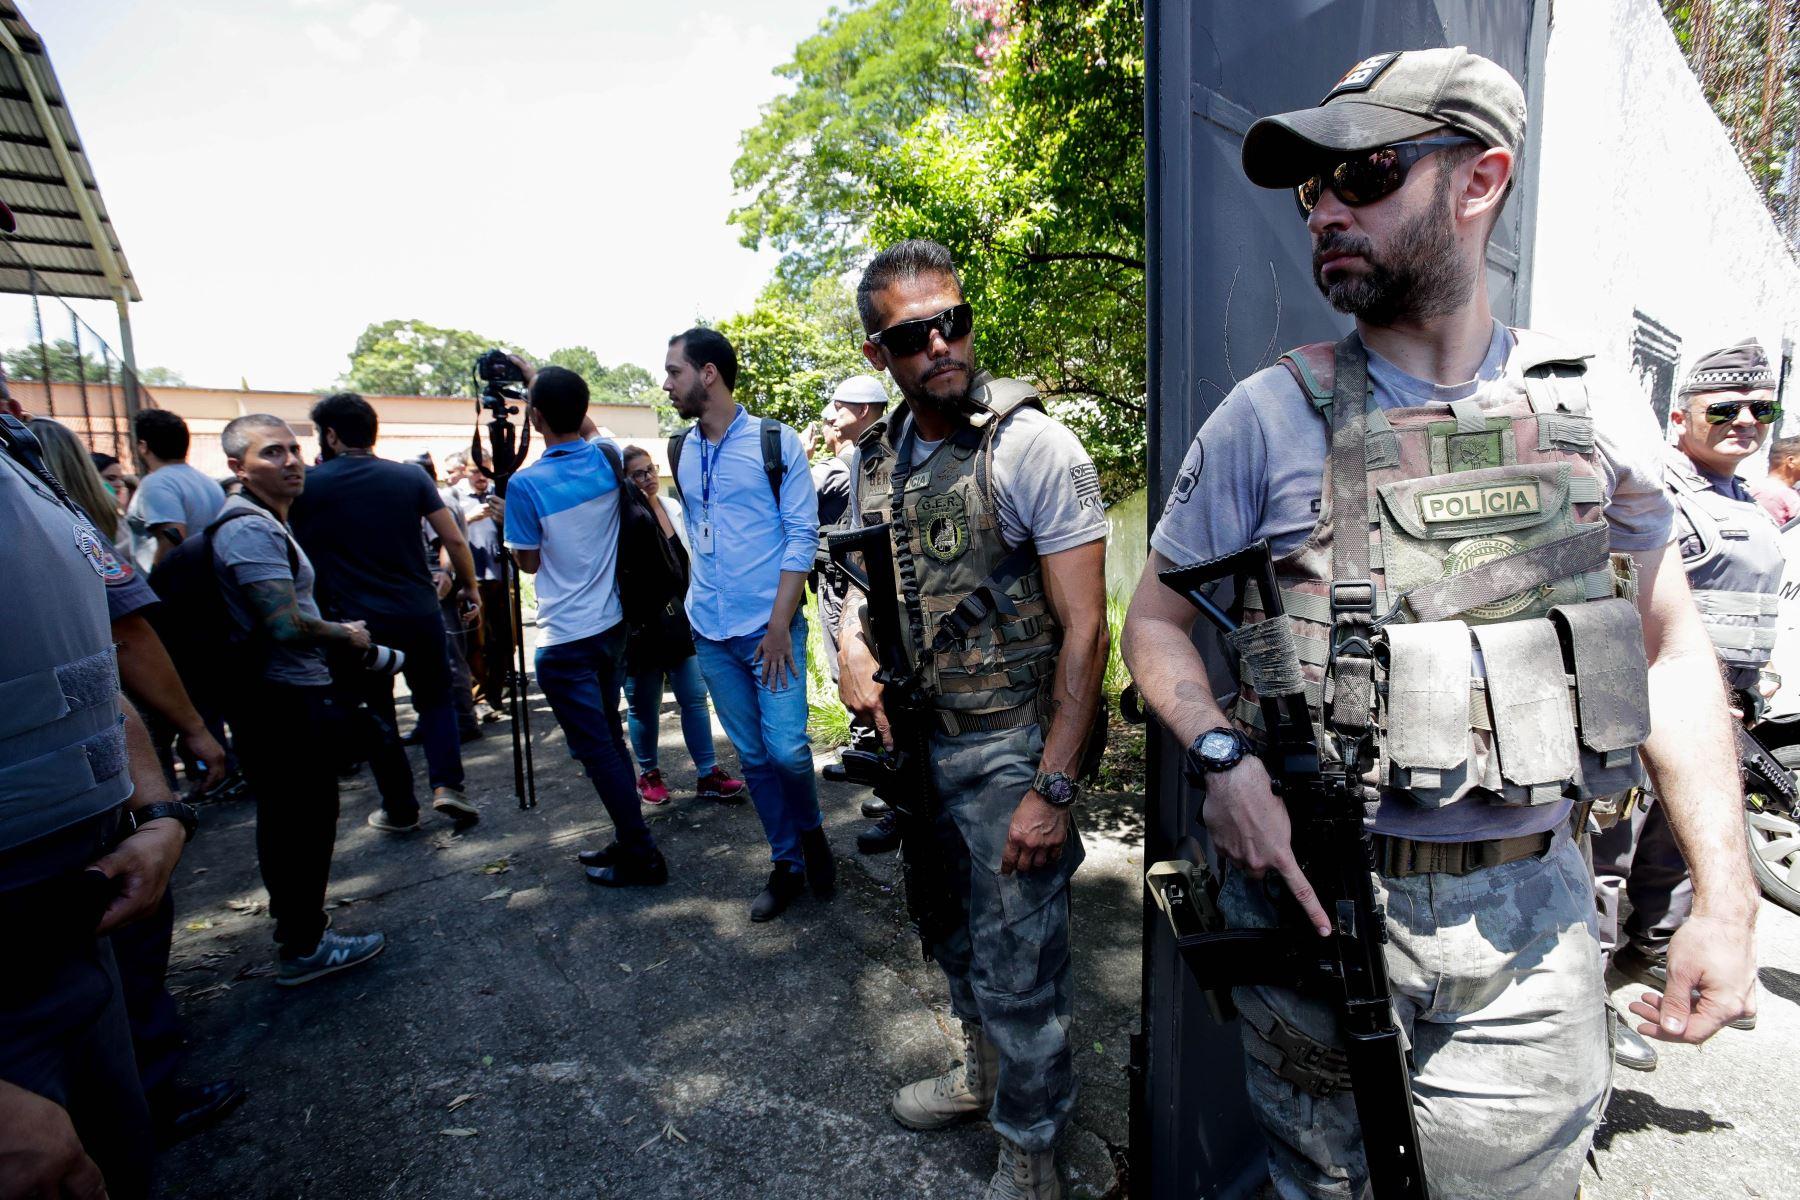 Miembros de la policía montan guardia en una escuela tras un tiroteo en Sao Paulo, Brasil. Foto: EFE